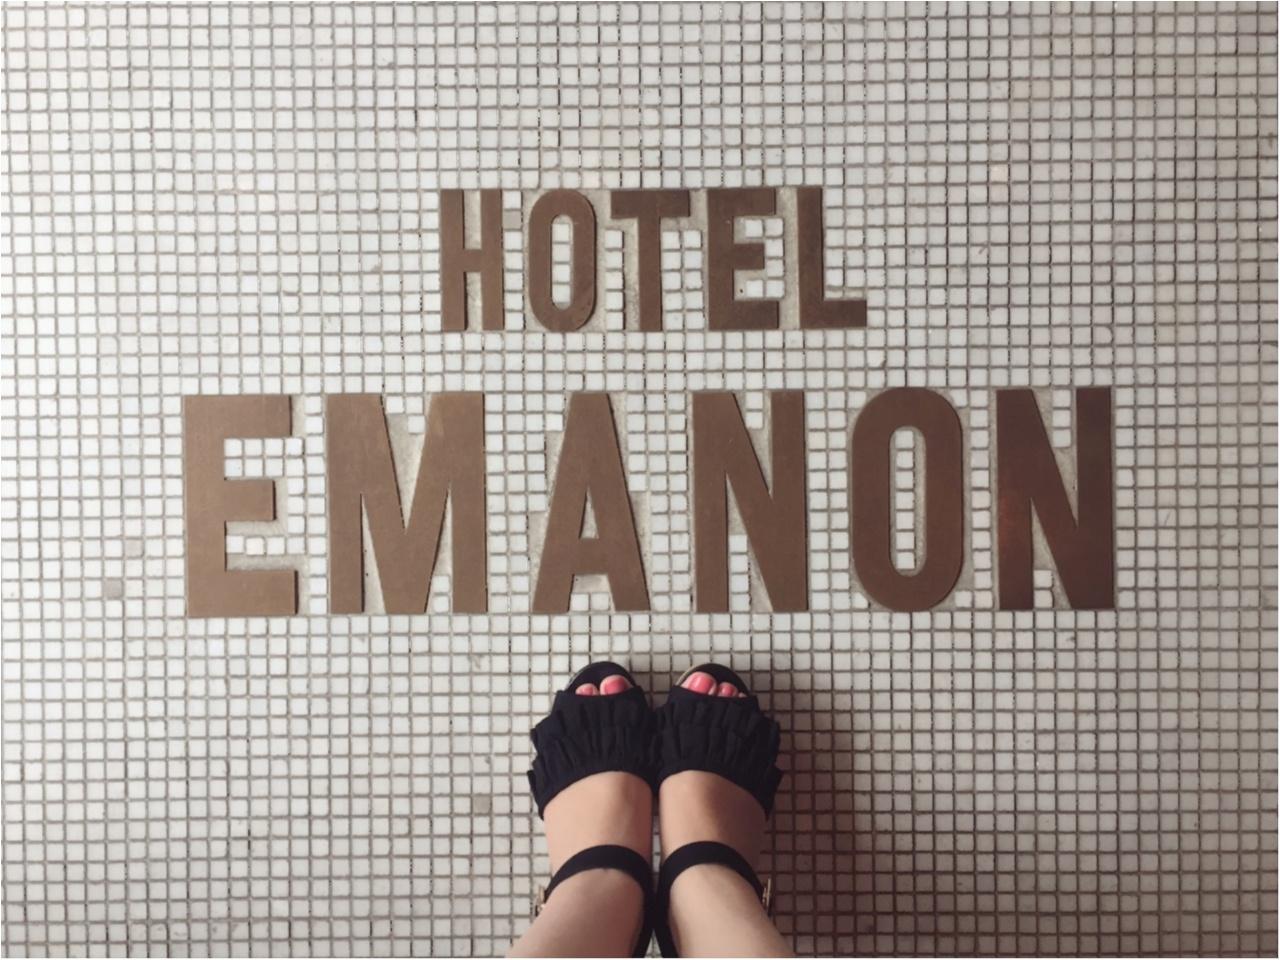 ここはホテル?のようなおしゃれなレストラン『HOTEL EMANON』でモアハピ女子会!!_2